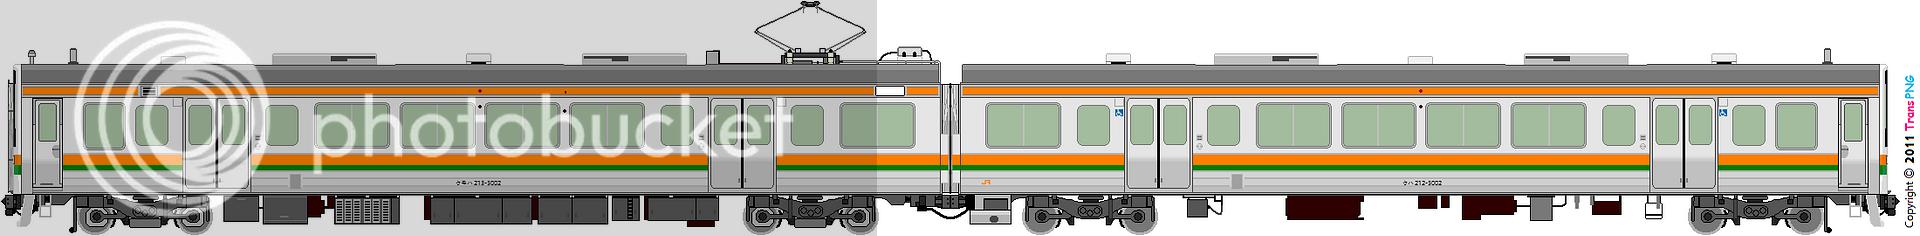 [5315] 東海旅客鐵道 2315